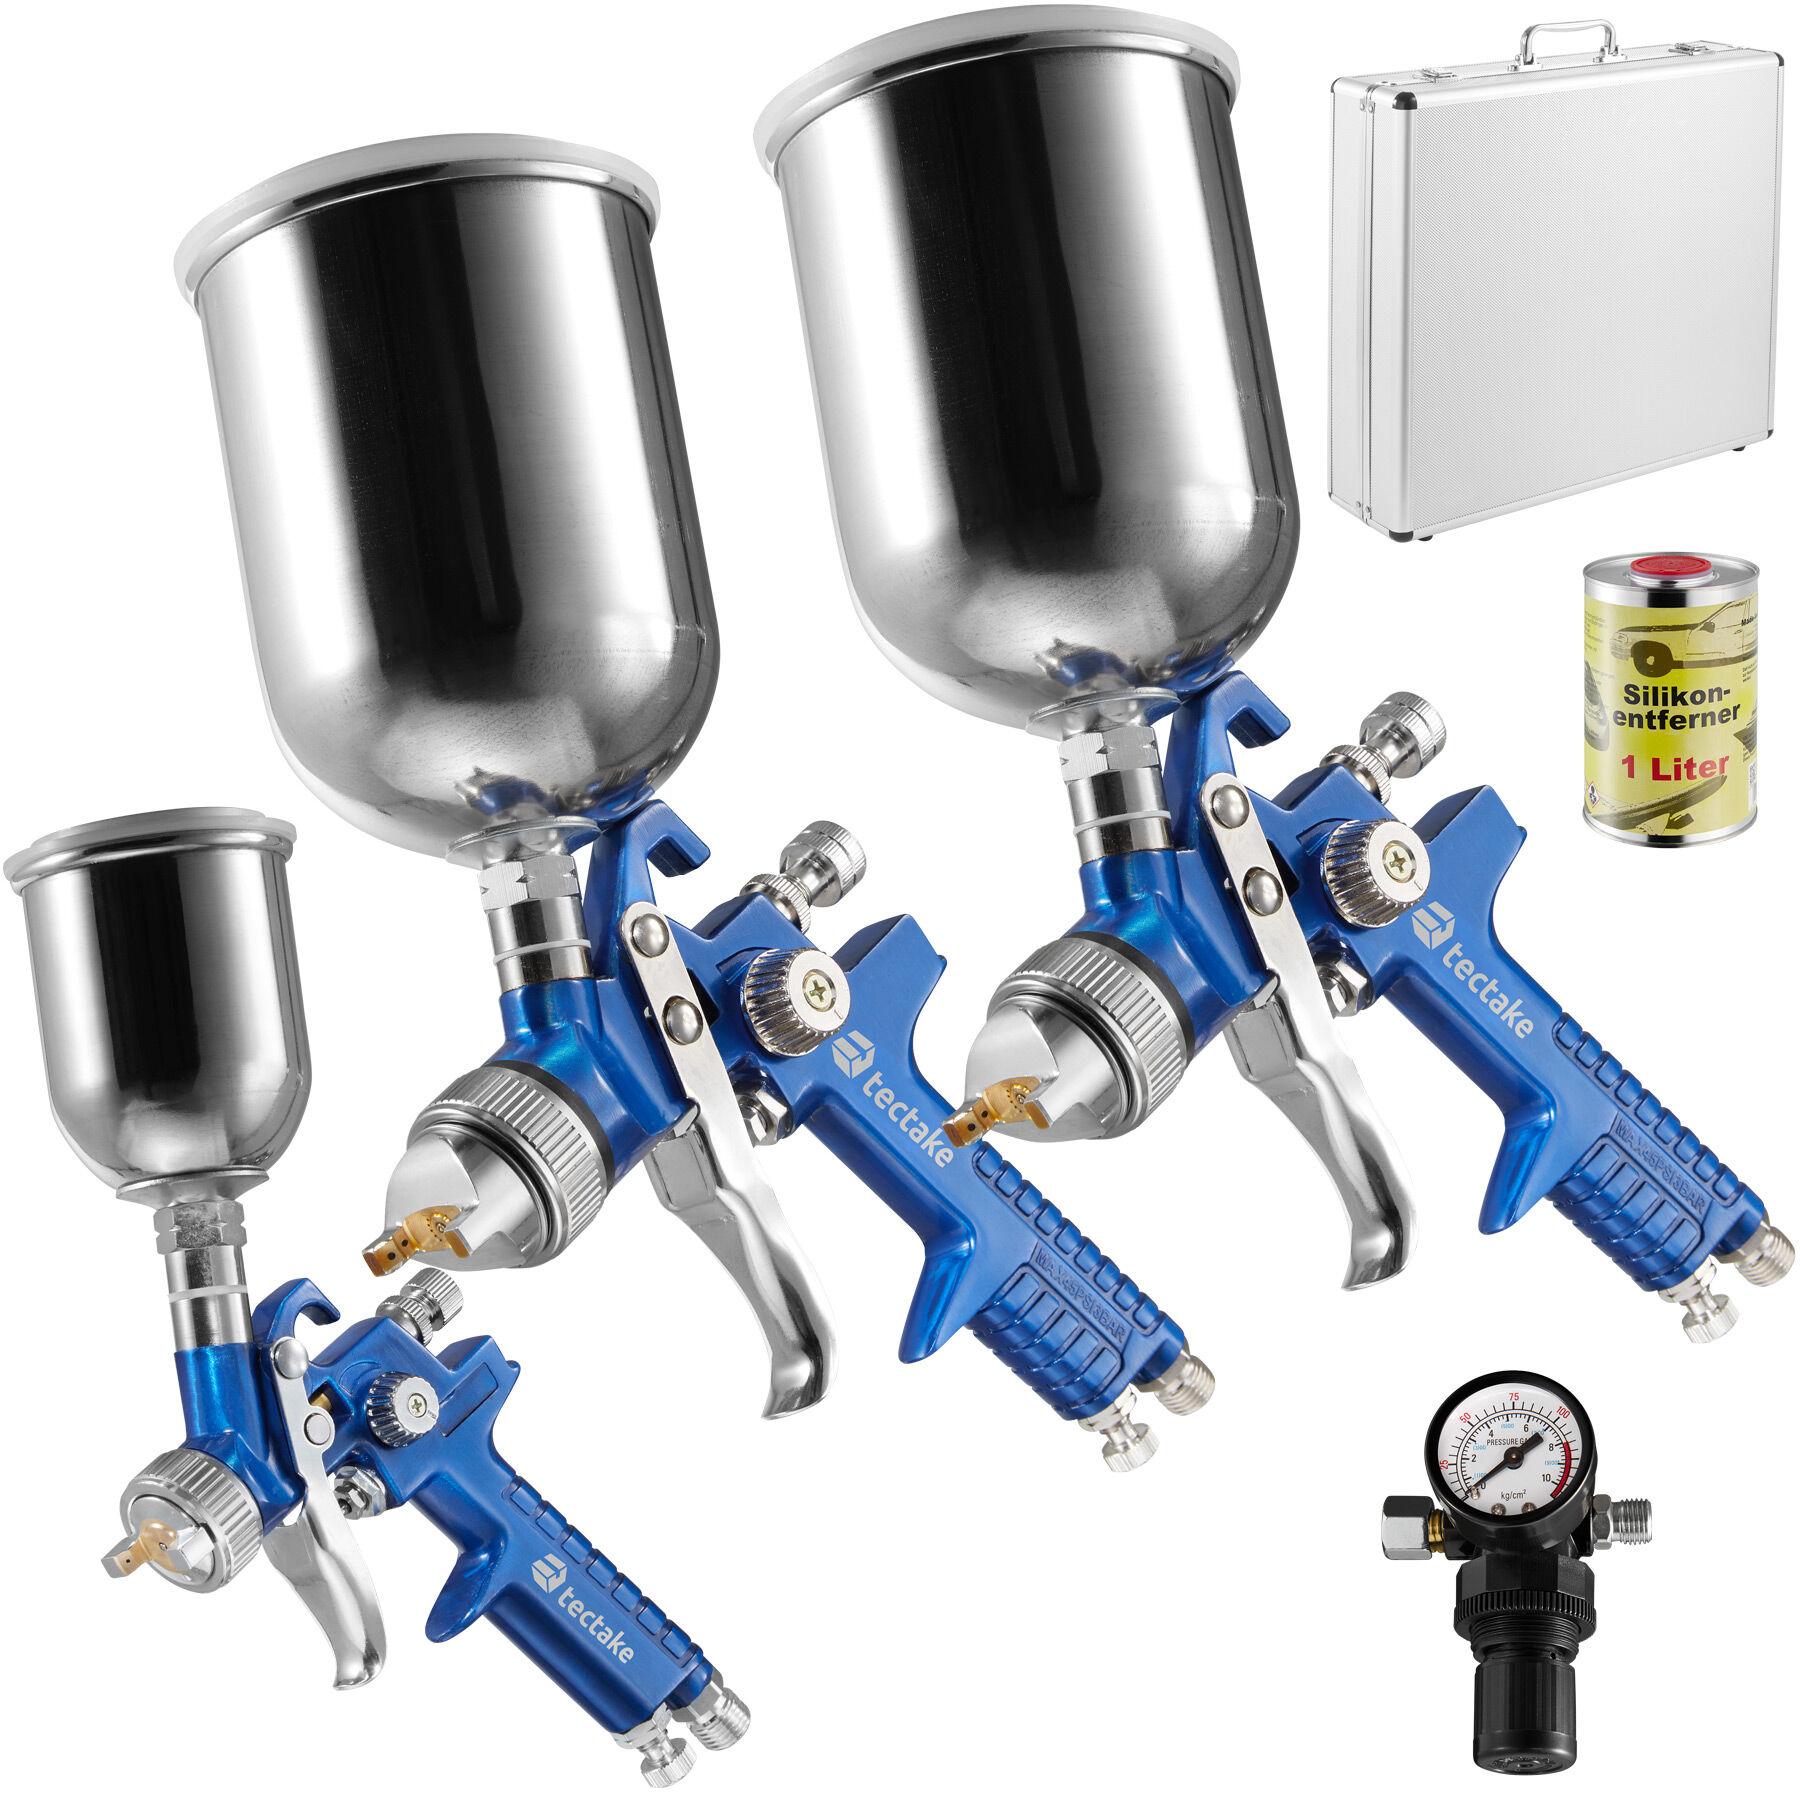 tectake 3 pistole per verniciare hvlp (0,8 + 1,3 + 1,7 mm) + valigetta + sciogli silicone - blu